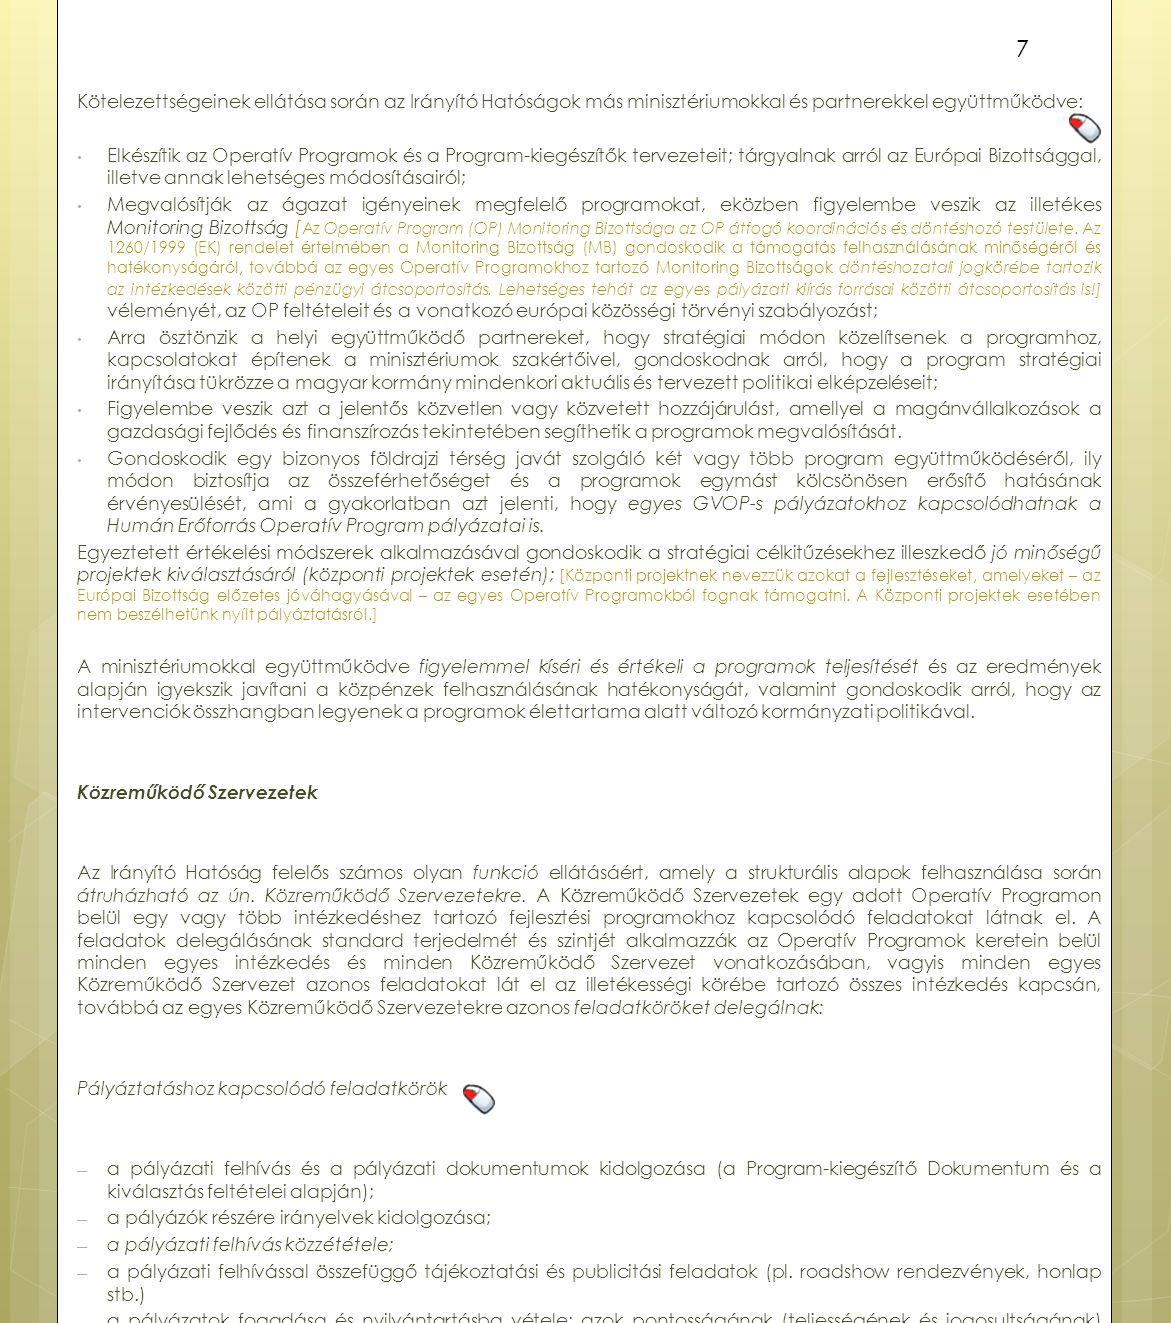 Kötelezettségeinek ellátása során az Irányító Hatóságok más minisztériumokkal és partnerekkel együttműködve: Elkészítik az Operatív Programok és a Pro